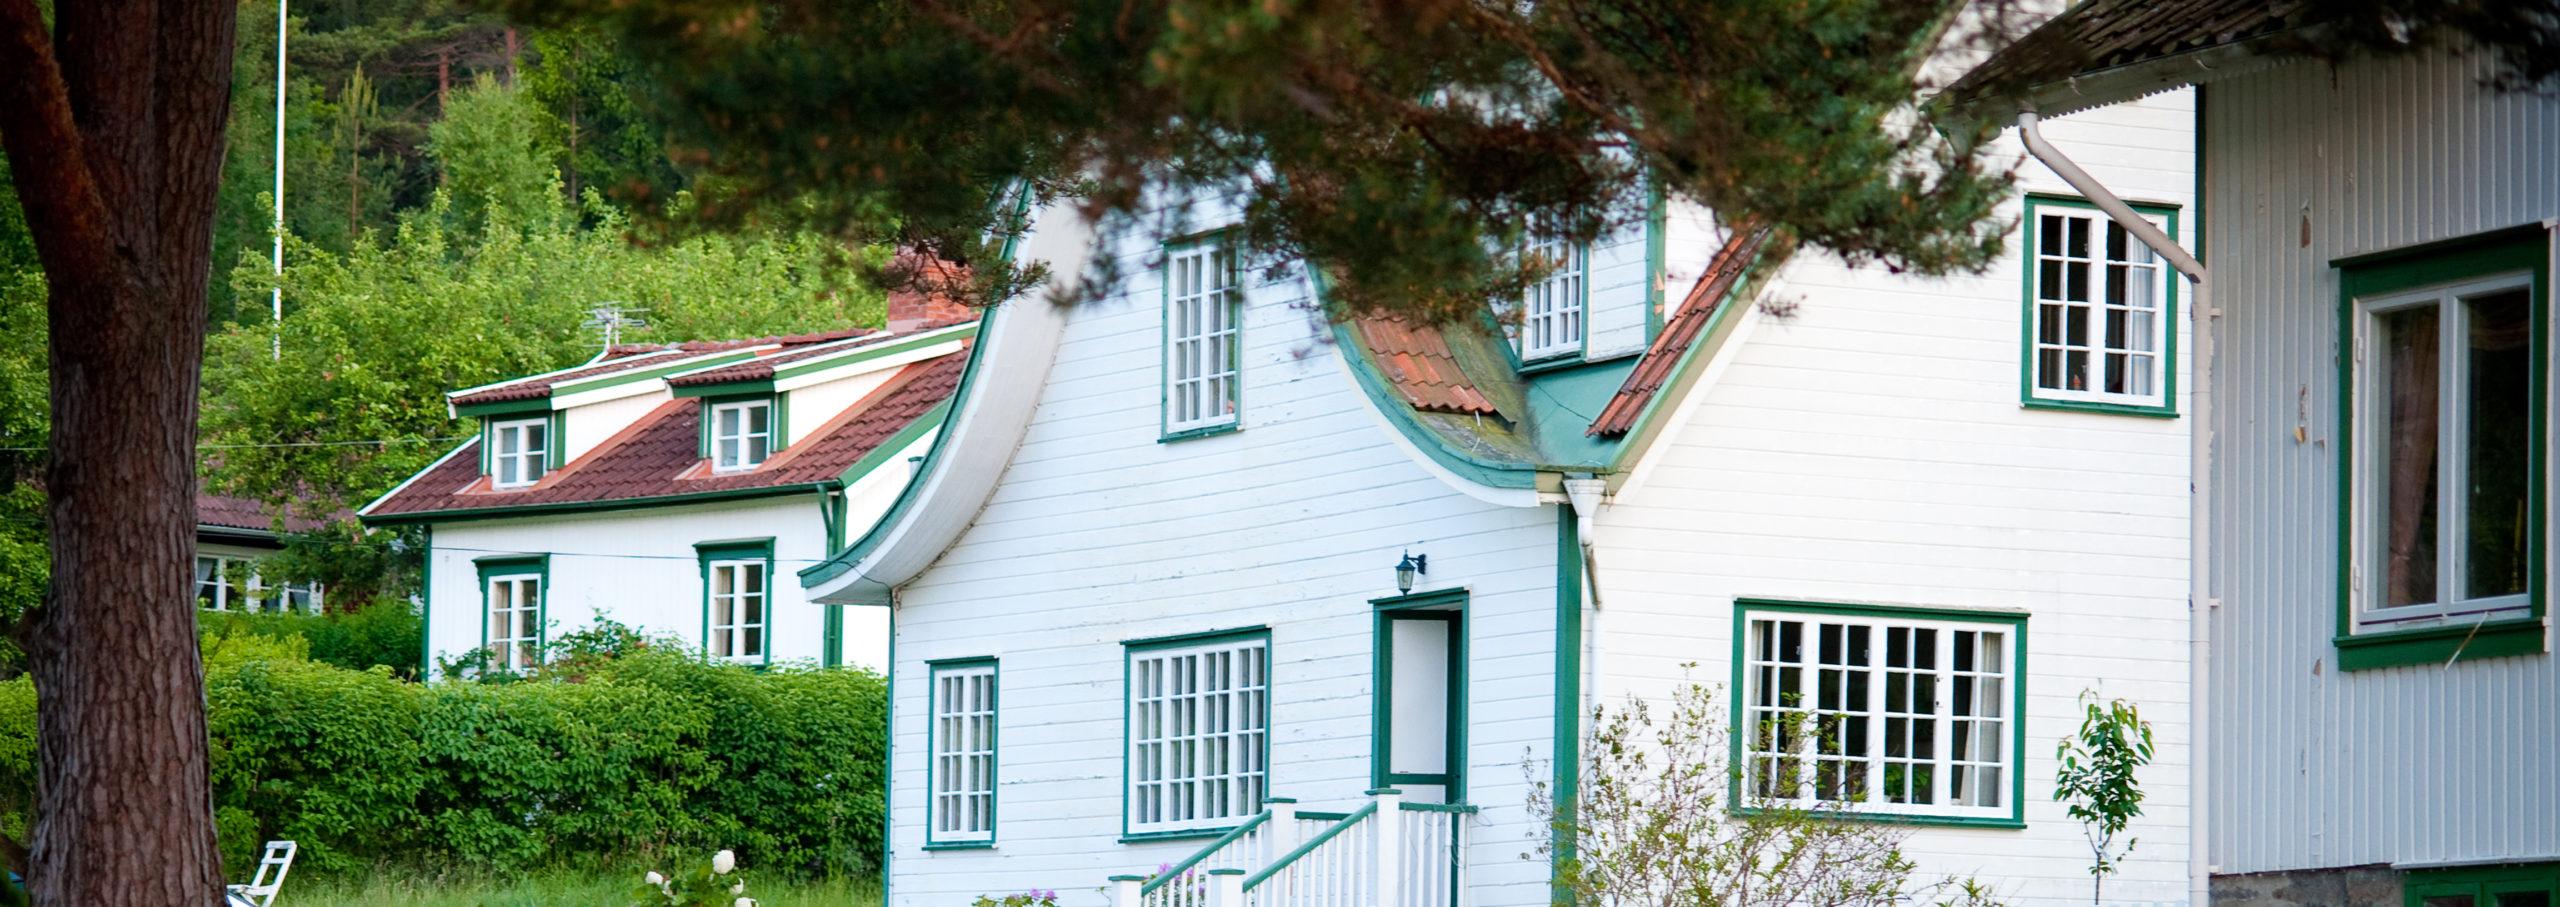 Hus på Rossö